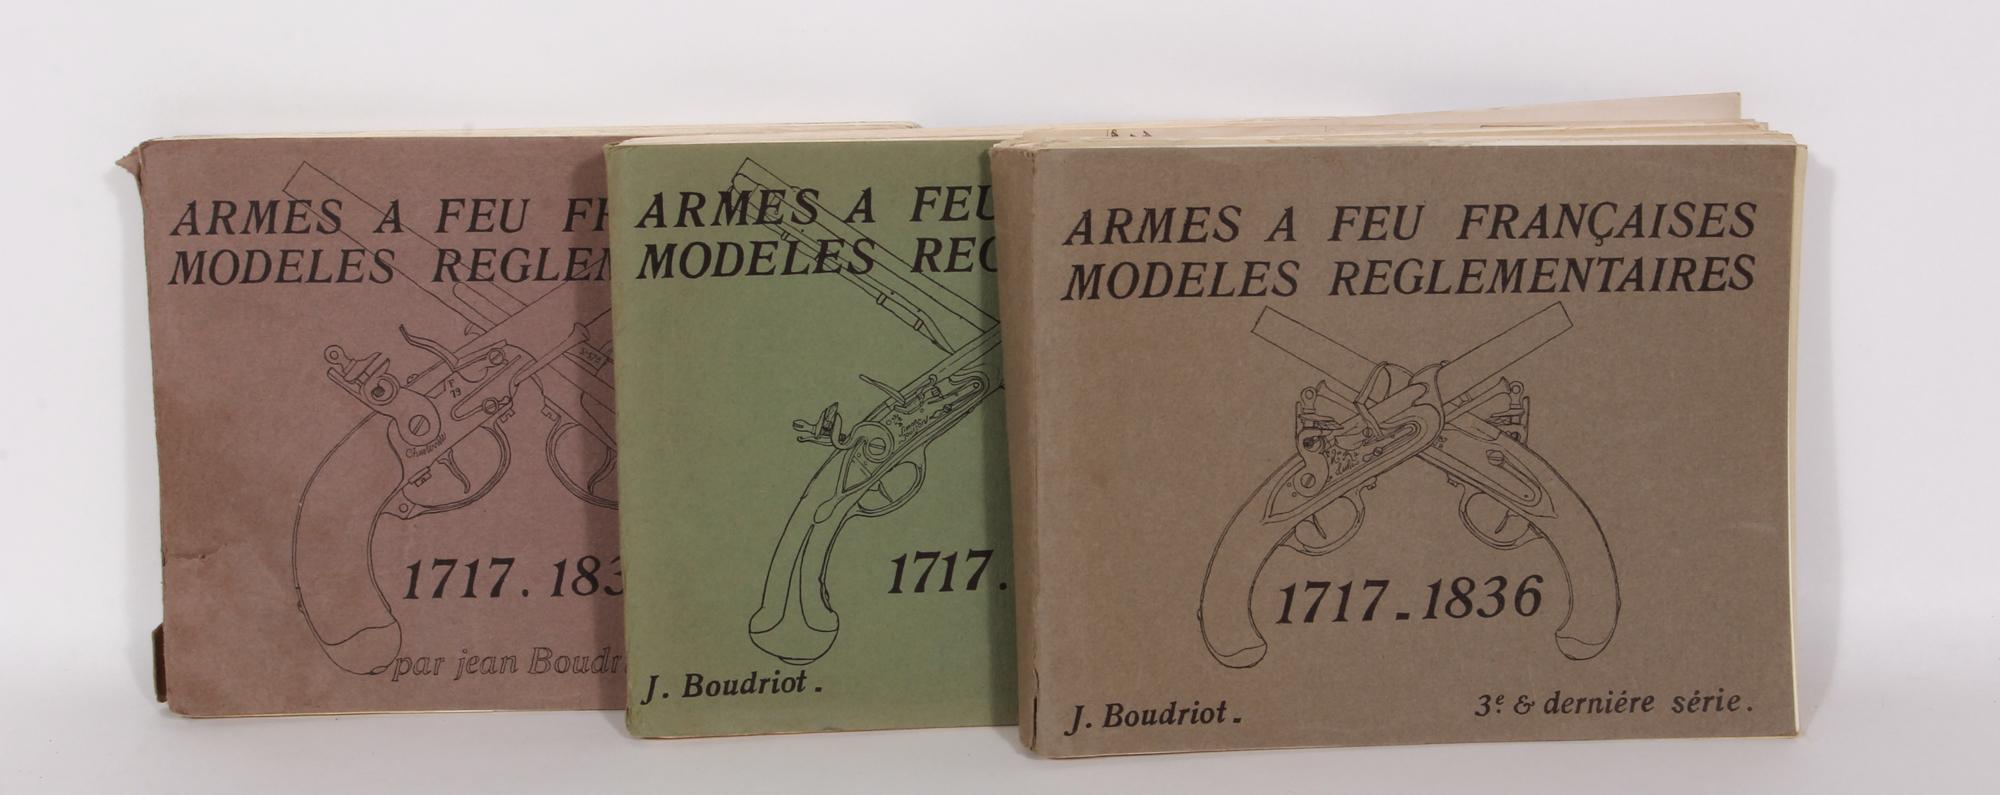 Antiquariat: Armes a Feu Francaises Modeles Reglementaires 1717-1836